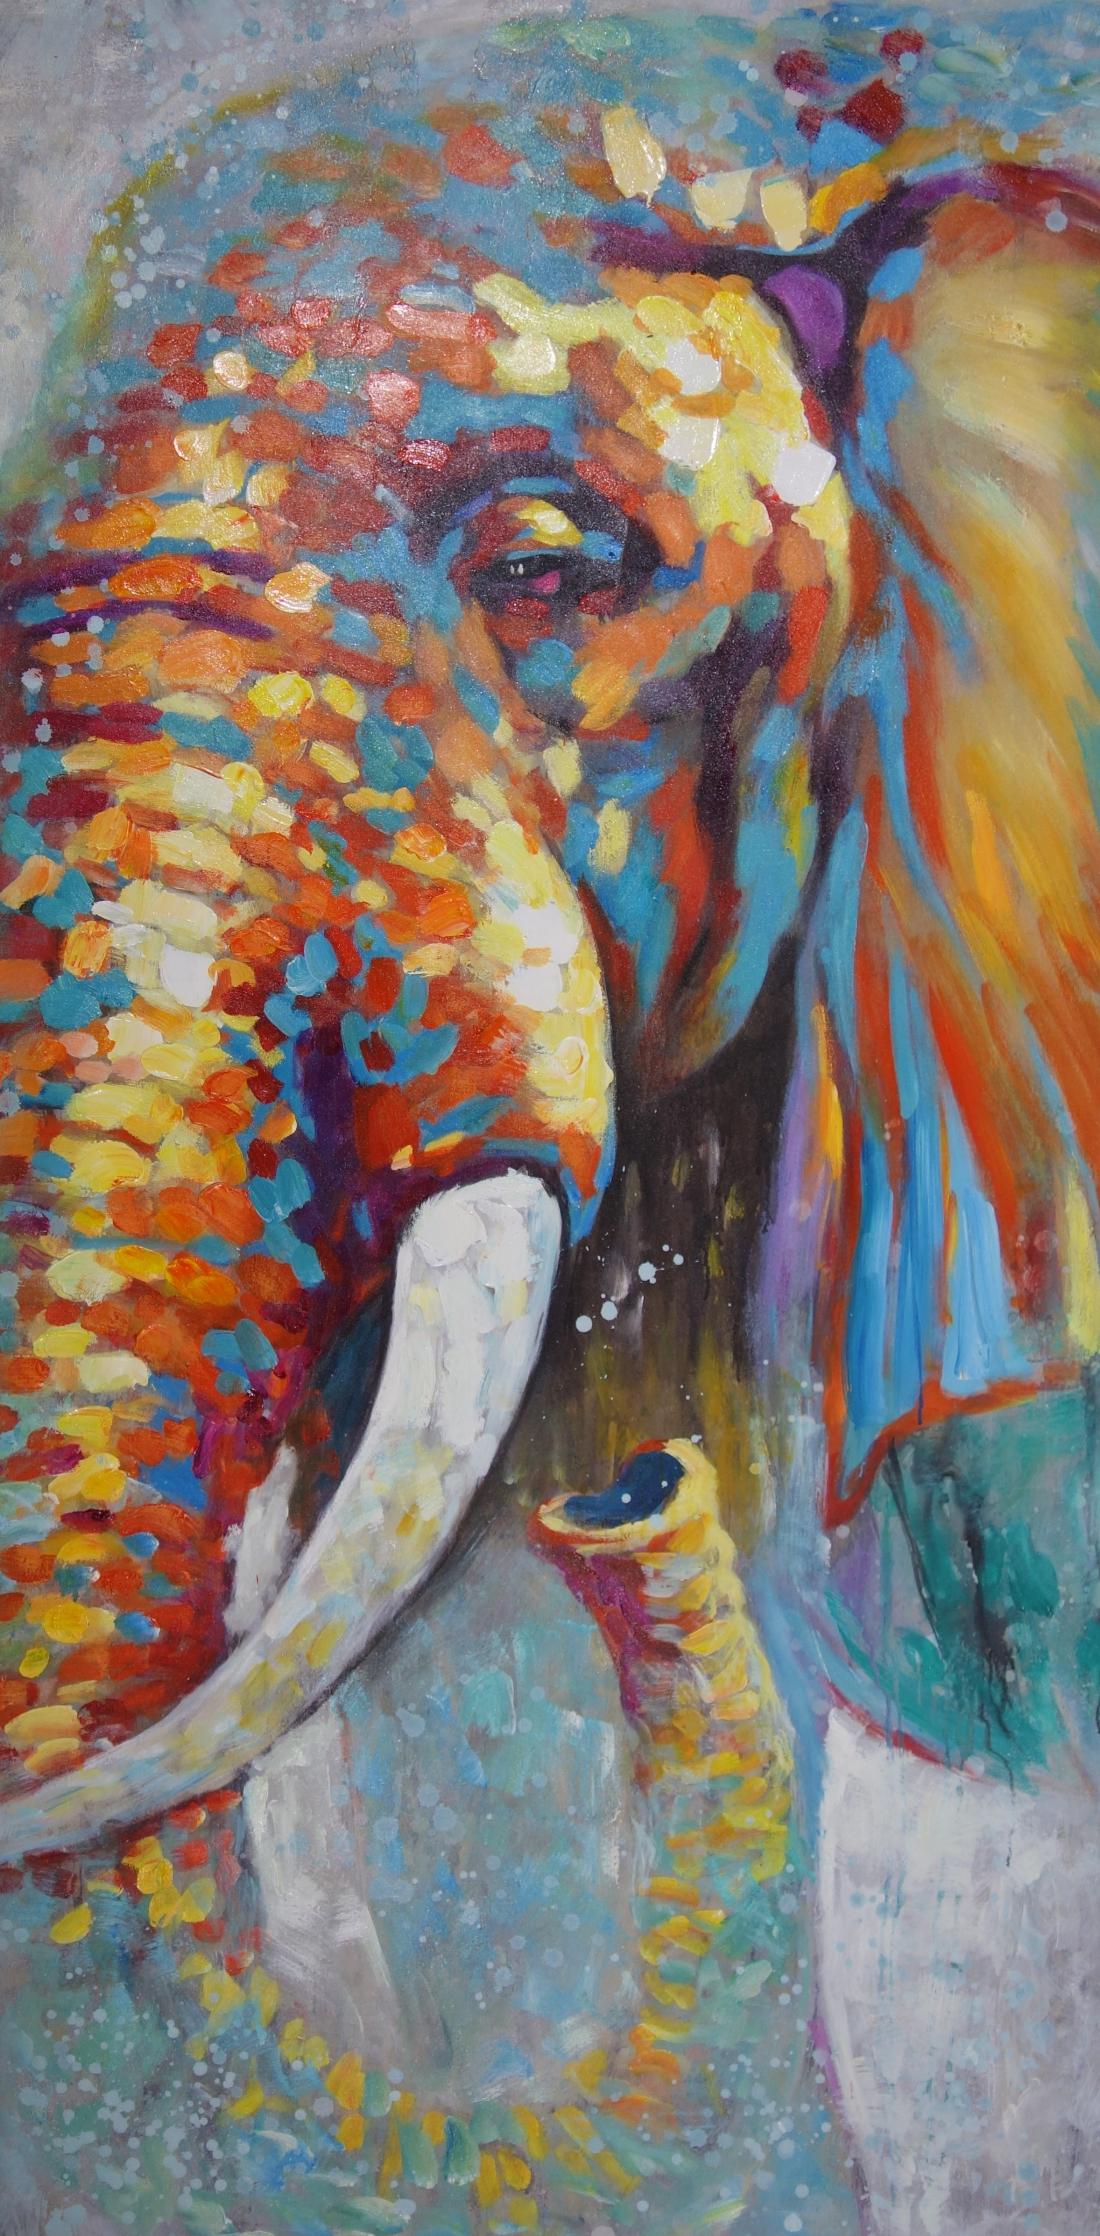 Schilderij kleurrijke olifant 200x100